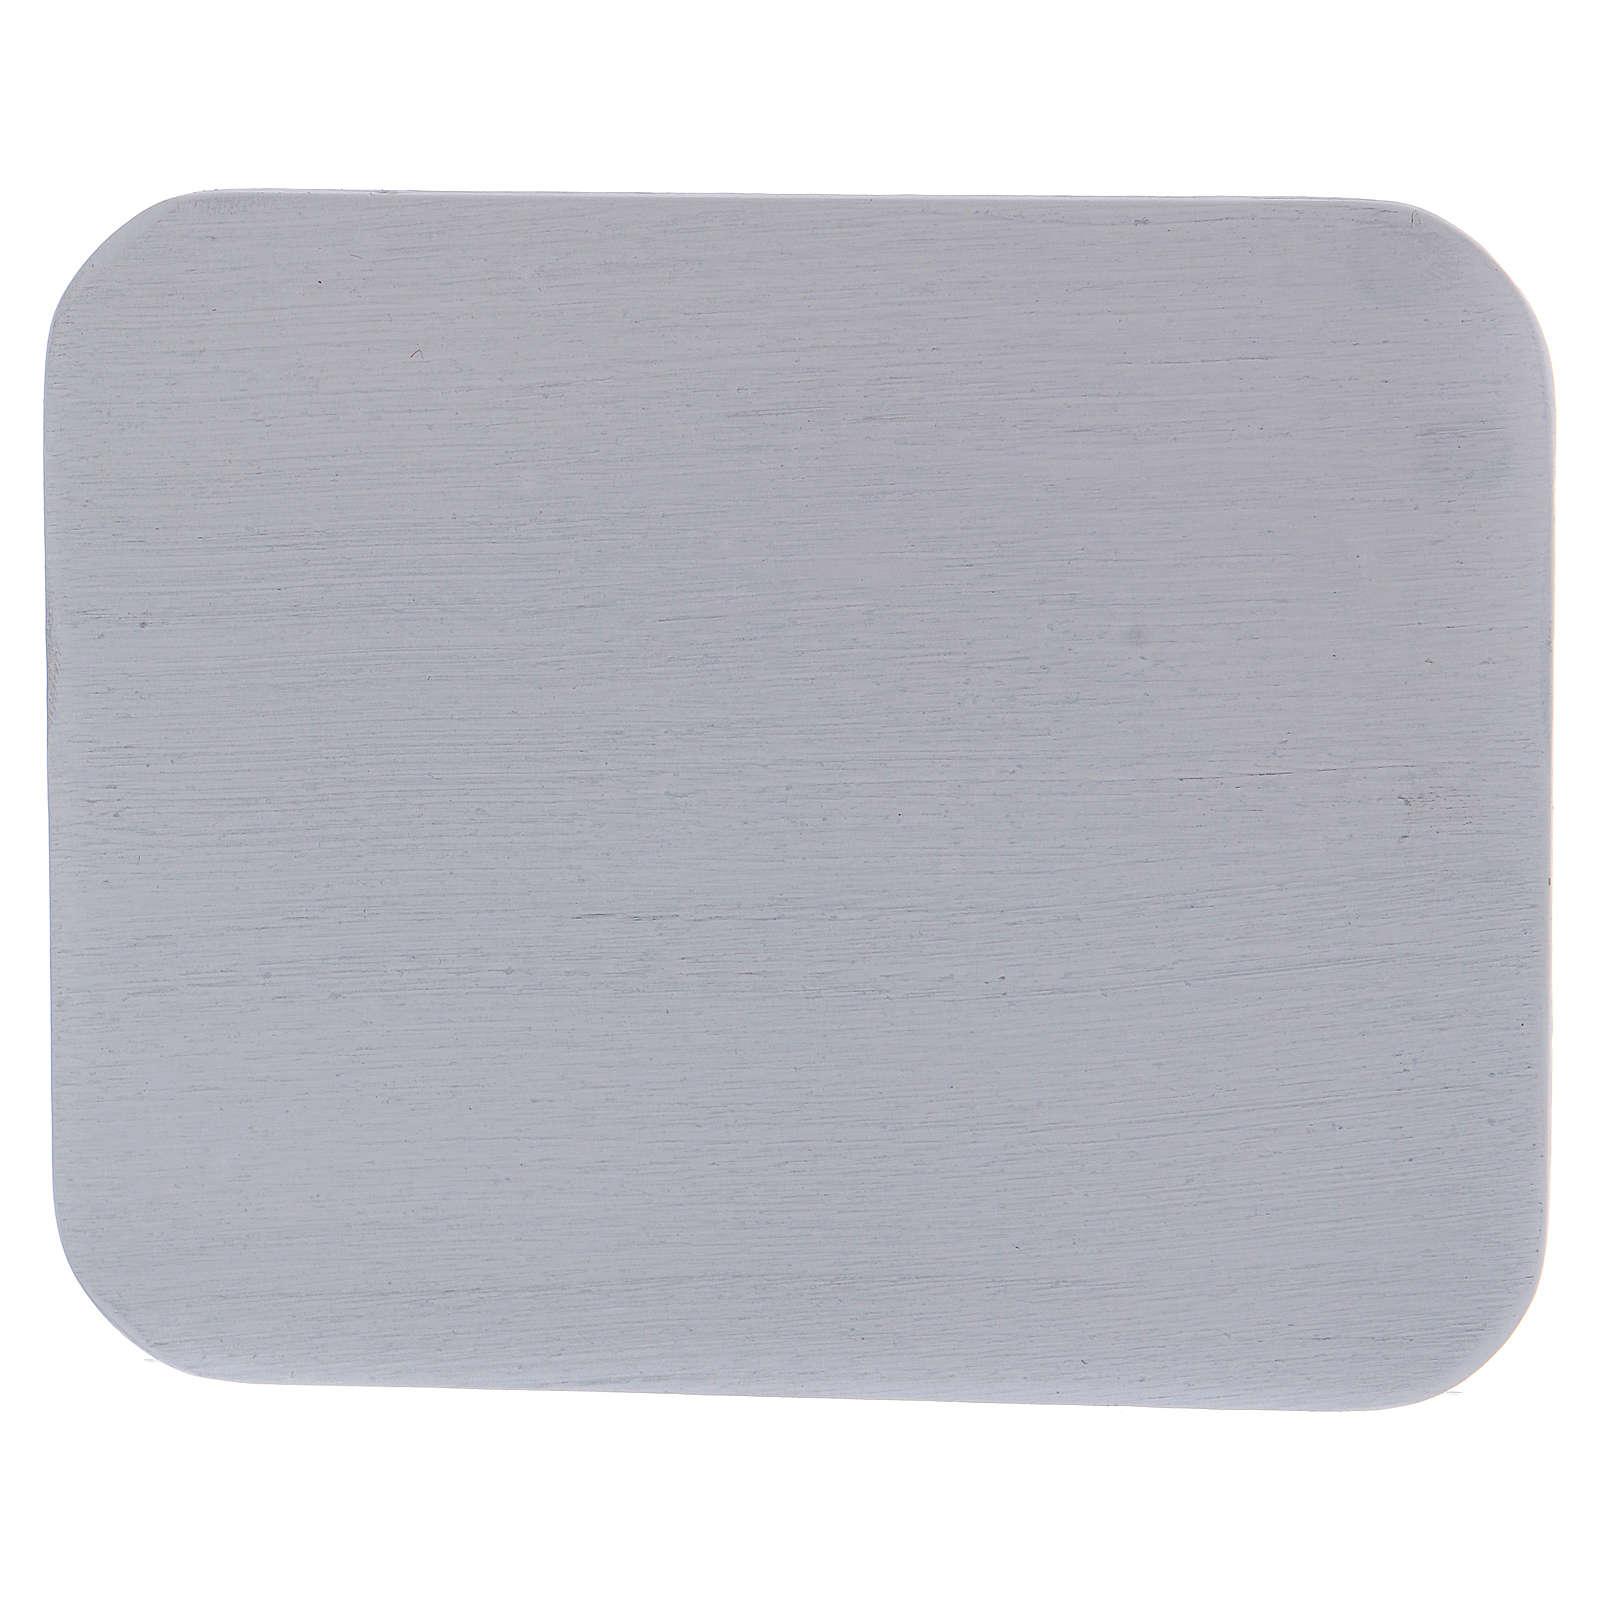 Piattino portacandele rettangolare alluminio bianco 3